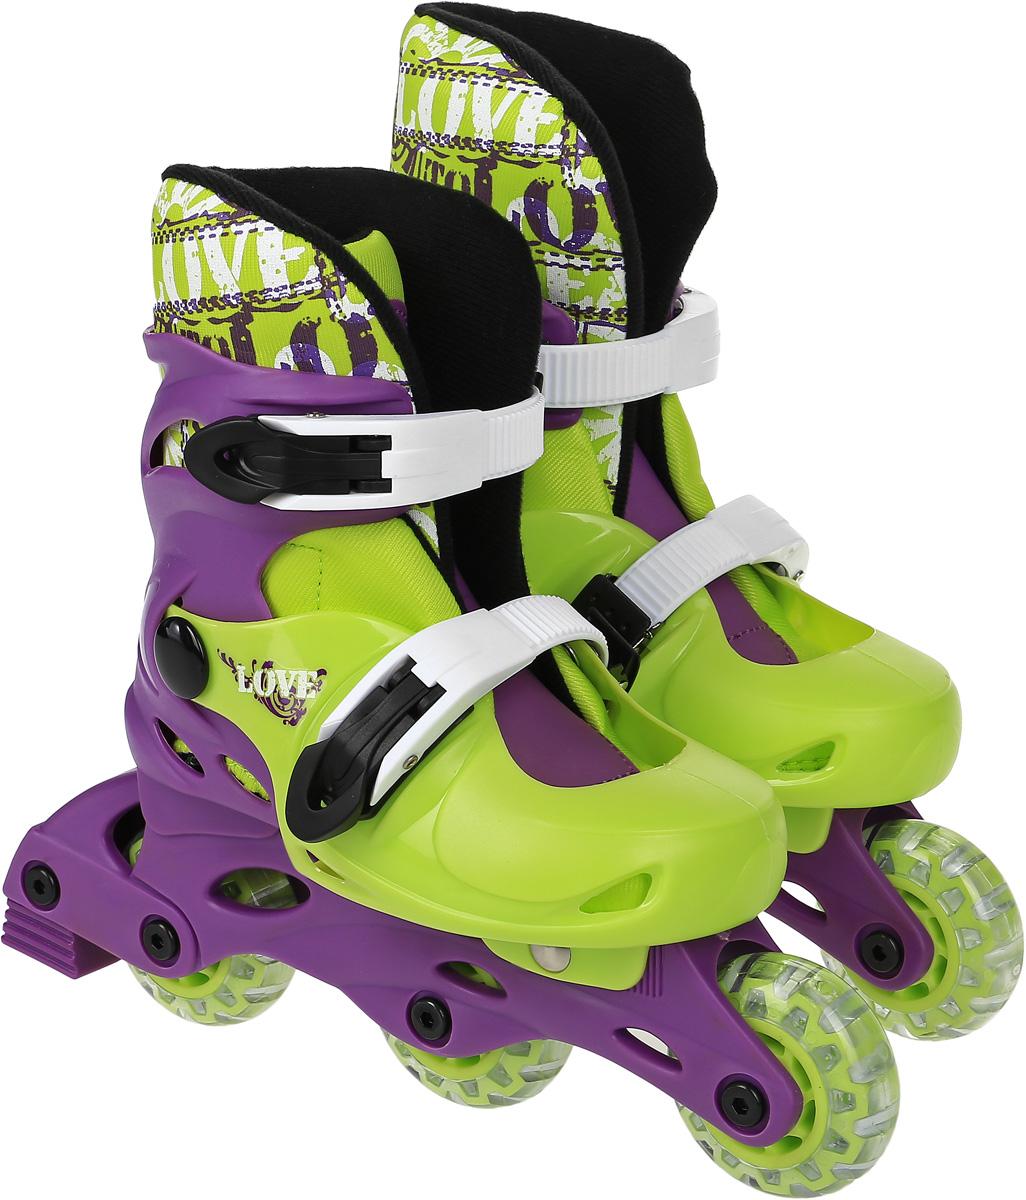 """Коньки роликовые Action """"PW-127"""", раздвижные, цвет: фиолетовый, светло-зеленый, белый. Размер 31/34"""